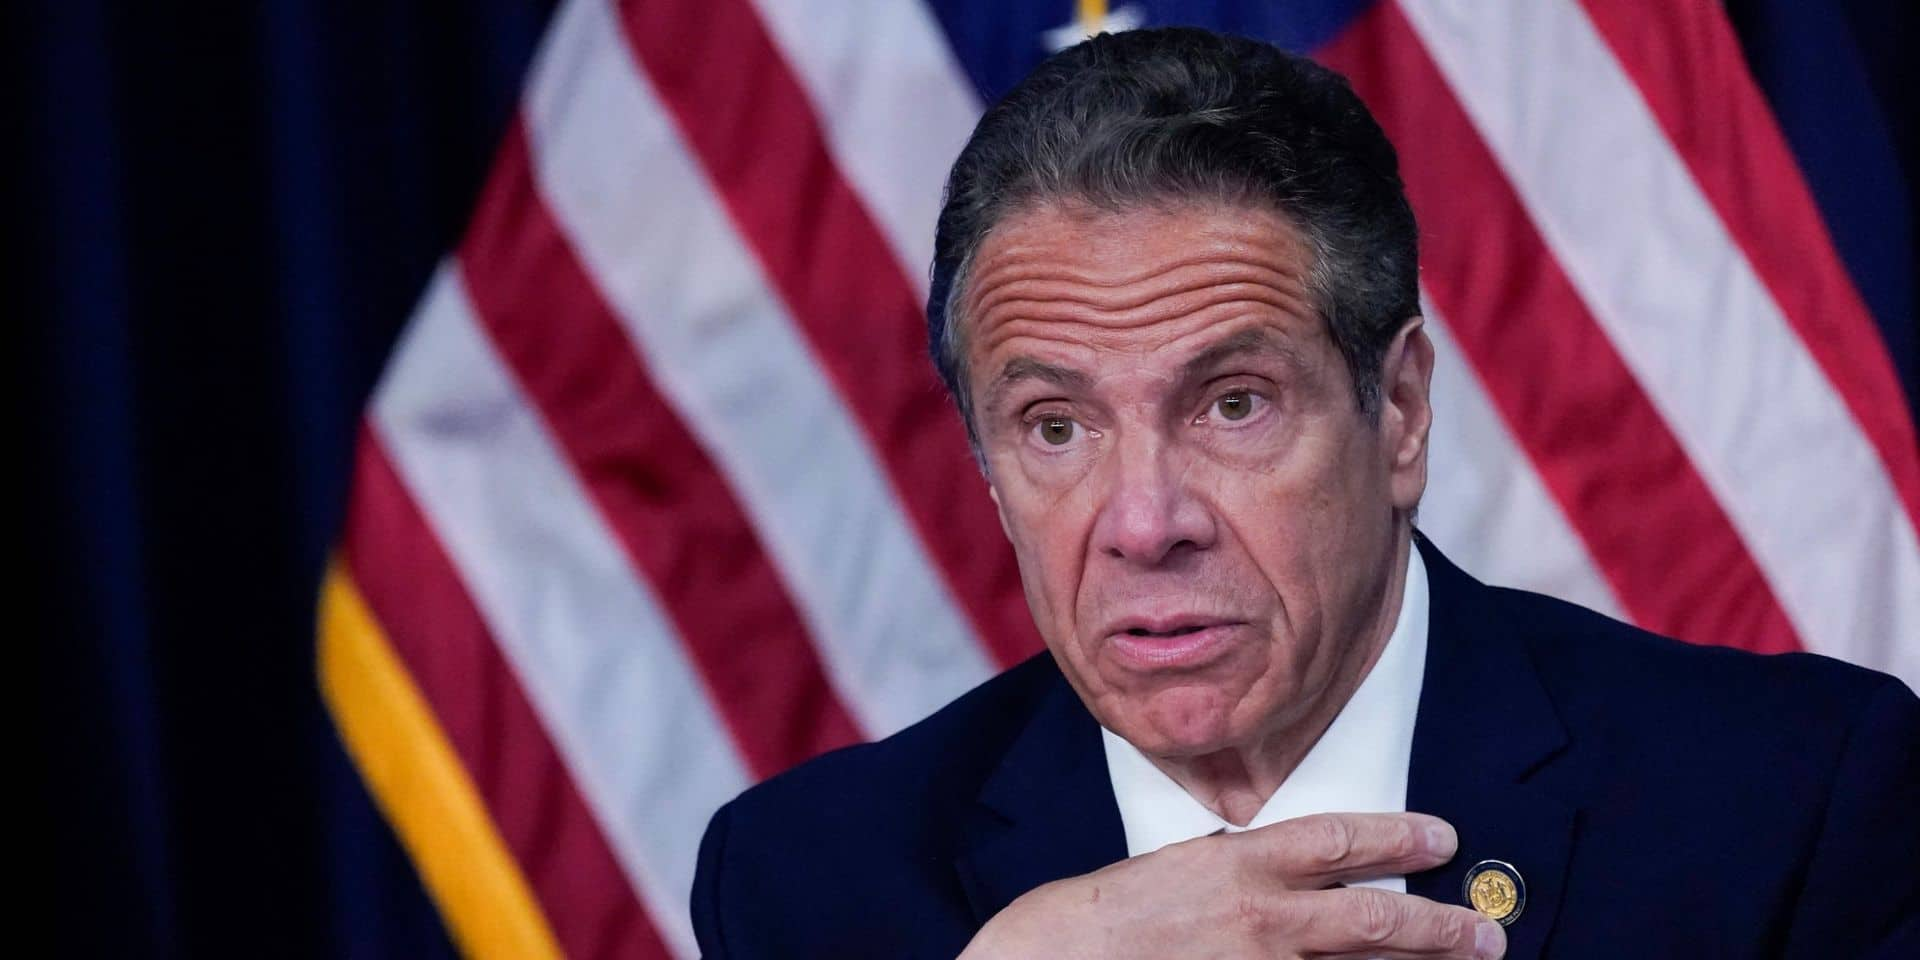 Le gouverneur de New York, accusé de harcèlement sexuel, bientôt entendu par la justice